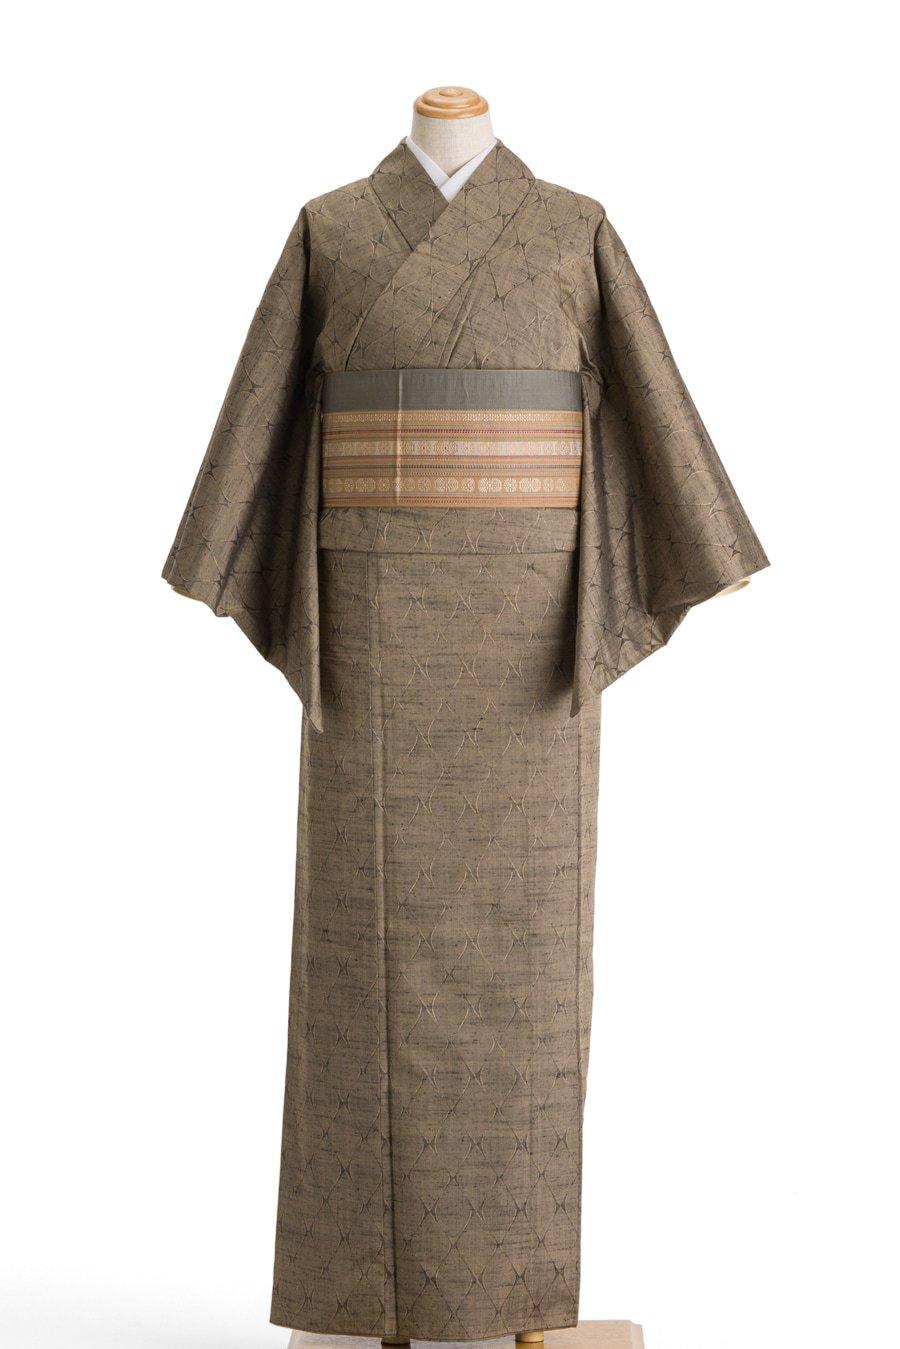 「単衣 紬 利休色の地に網目模様」の商品画像